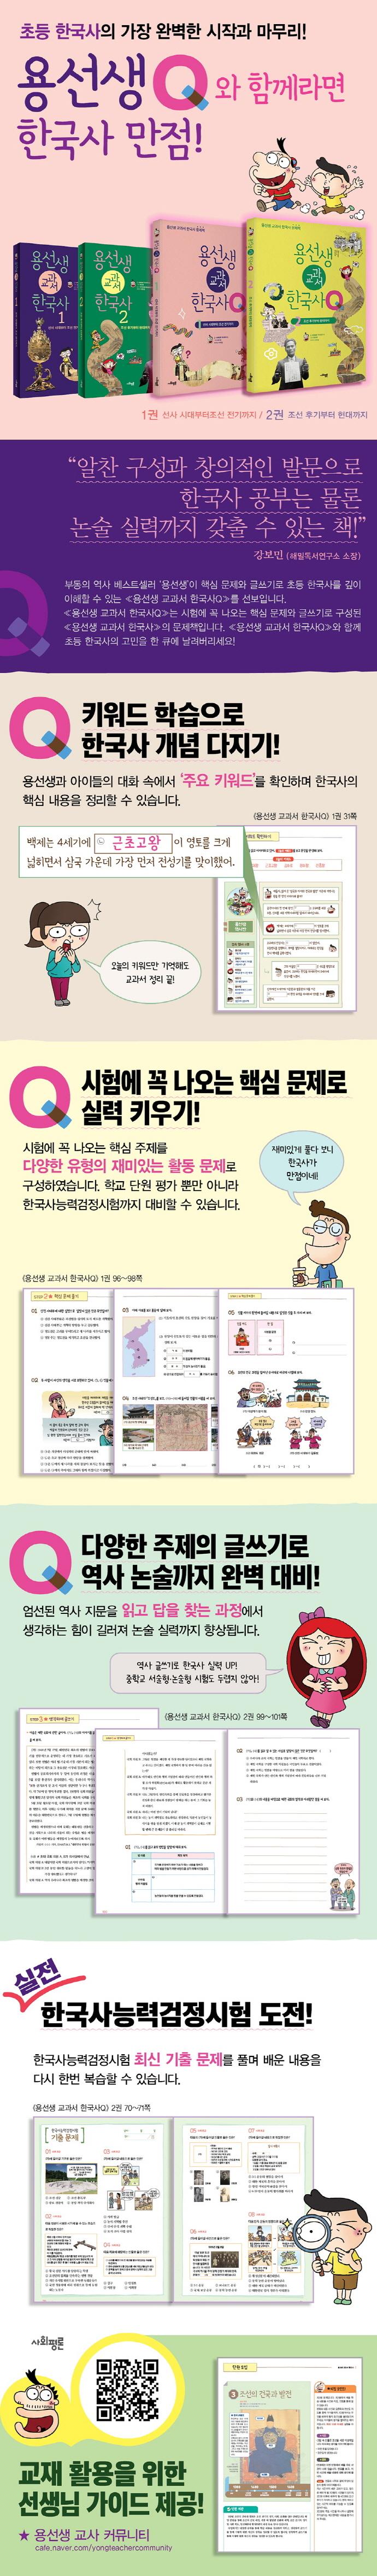 용선생 교과서 한국사 Q. 1 도서 상세이미지